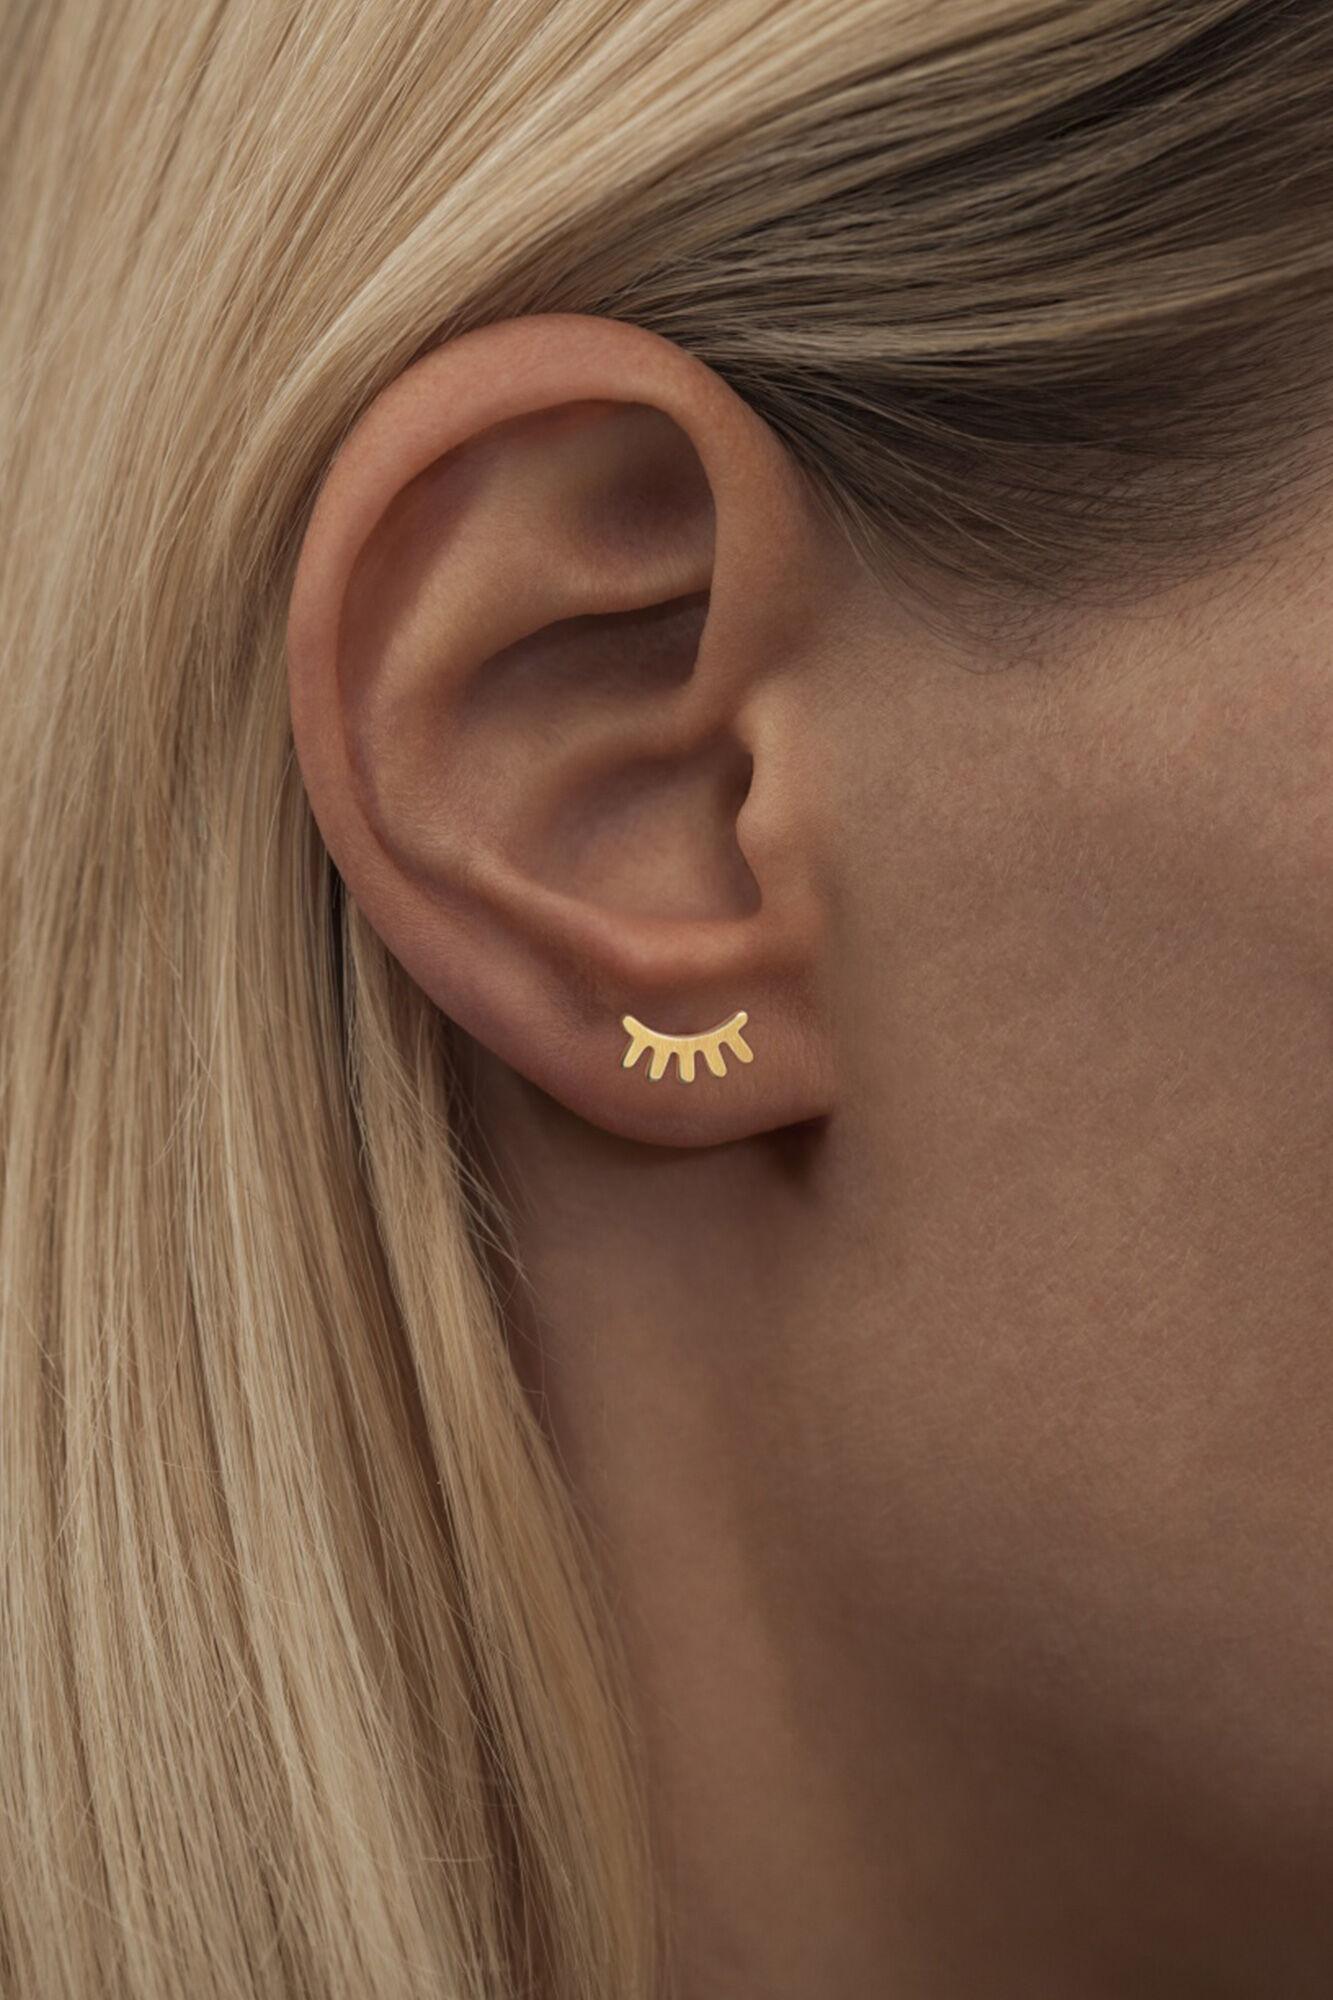 Blink Ear Studs LULUE150